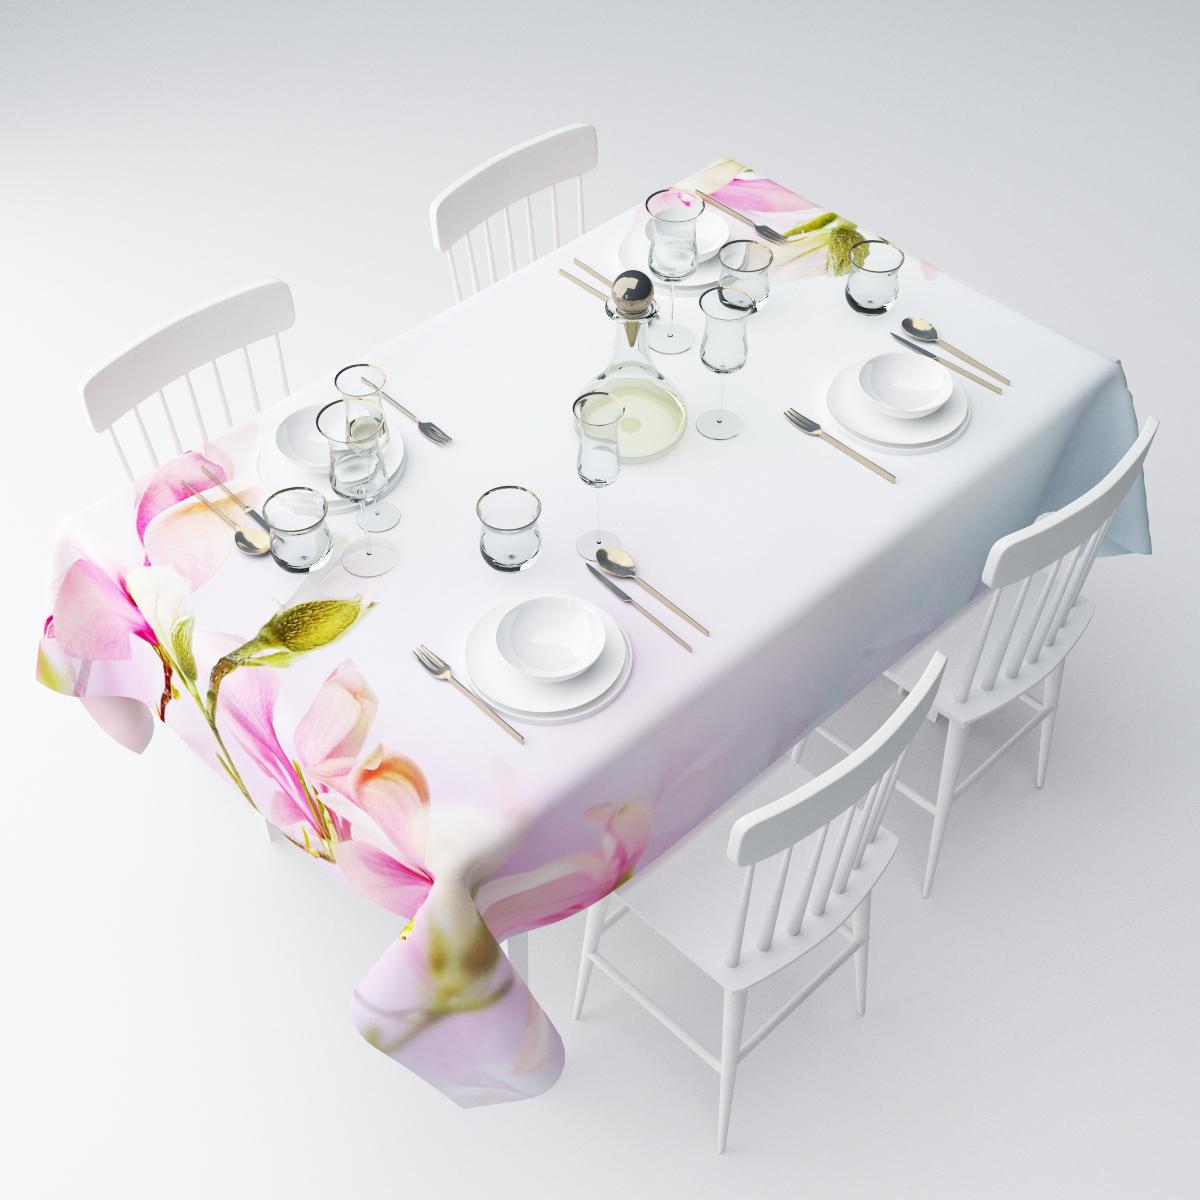 Скатерть Сирень Розовые бутоны, прямоугольная, 145 х 120 смСКГБ003-03482Прямоугольная скатерть Сирень Розовые бутоны, выполненная из габардина с ярким рисунком, преобразит вашу кухню, визуально расширит пространство, создаст атмосферу радости и комфорта. Рекомендации по уходу: стирка при 30 градусах, гладить при температуре до 110 градусов.Размер скатерти: 145 х 120 см. Изображение может немного отличаться от реального.